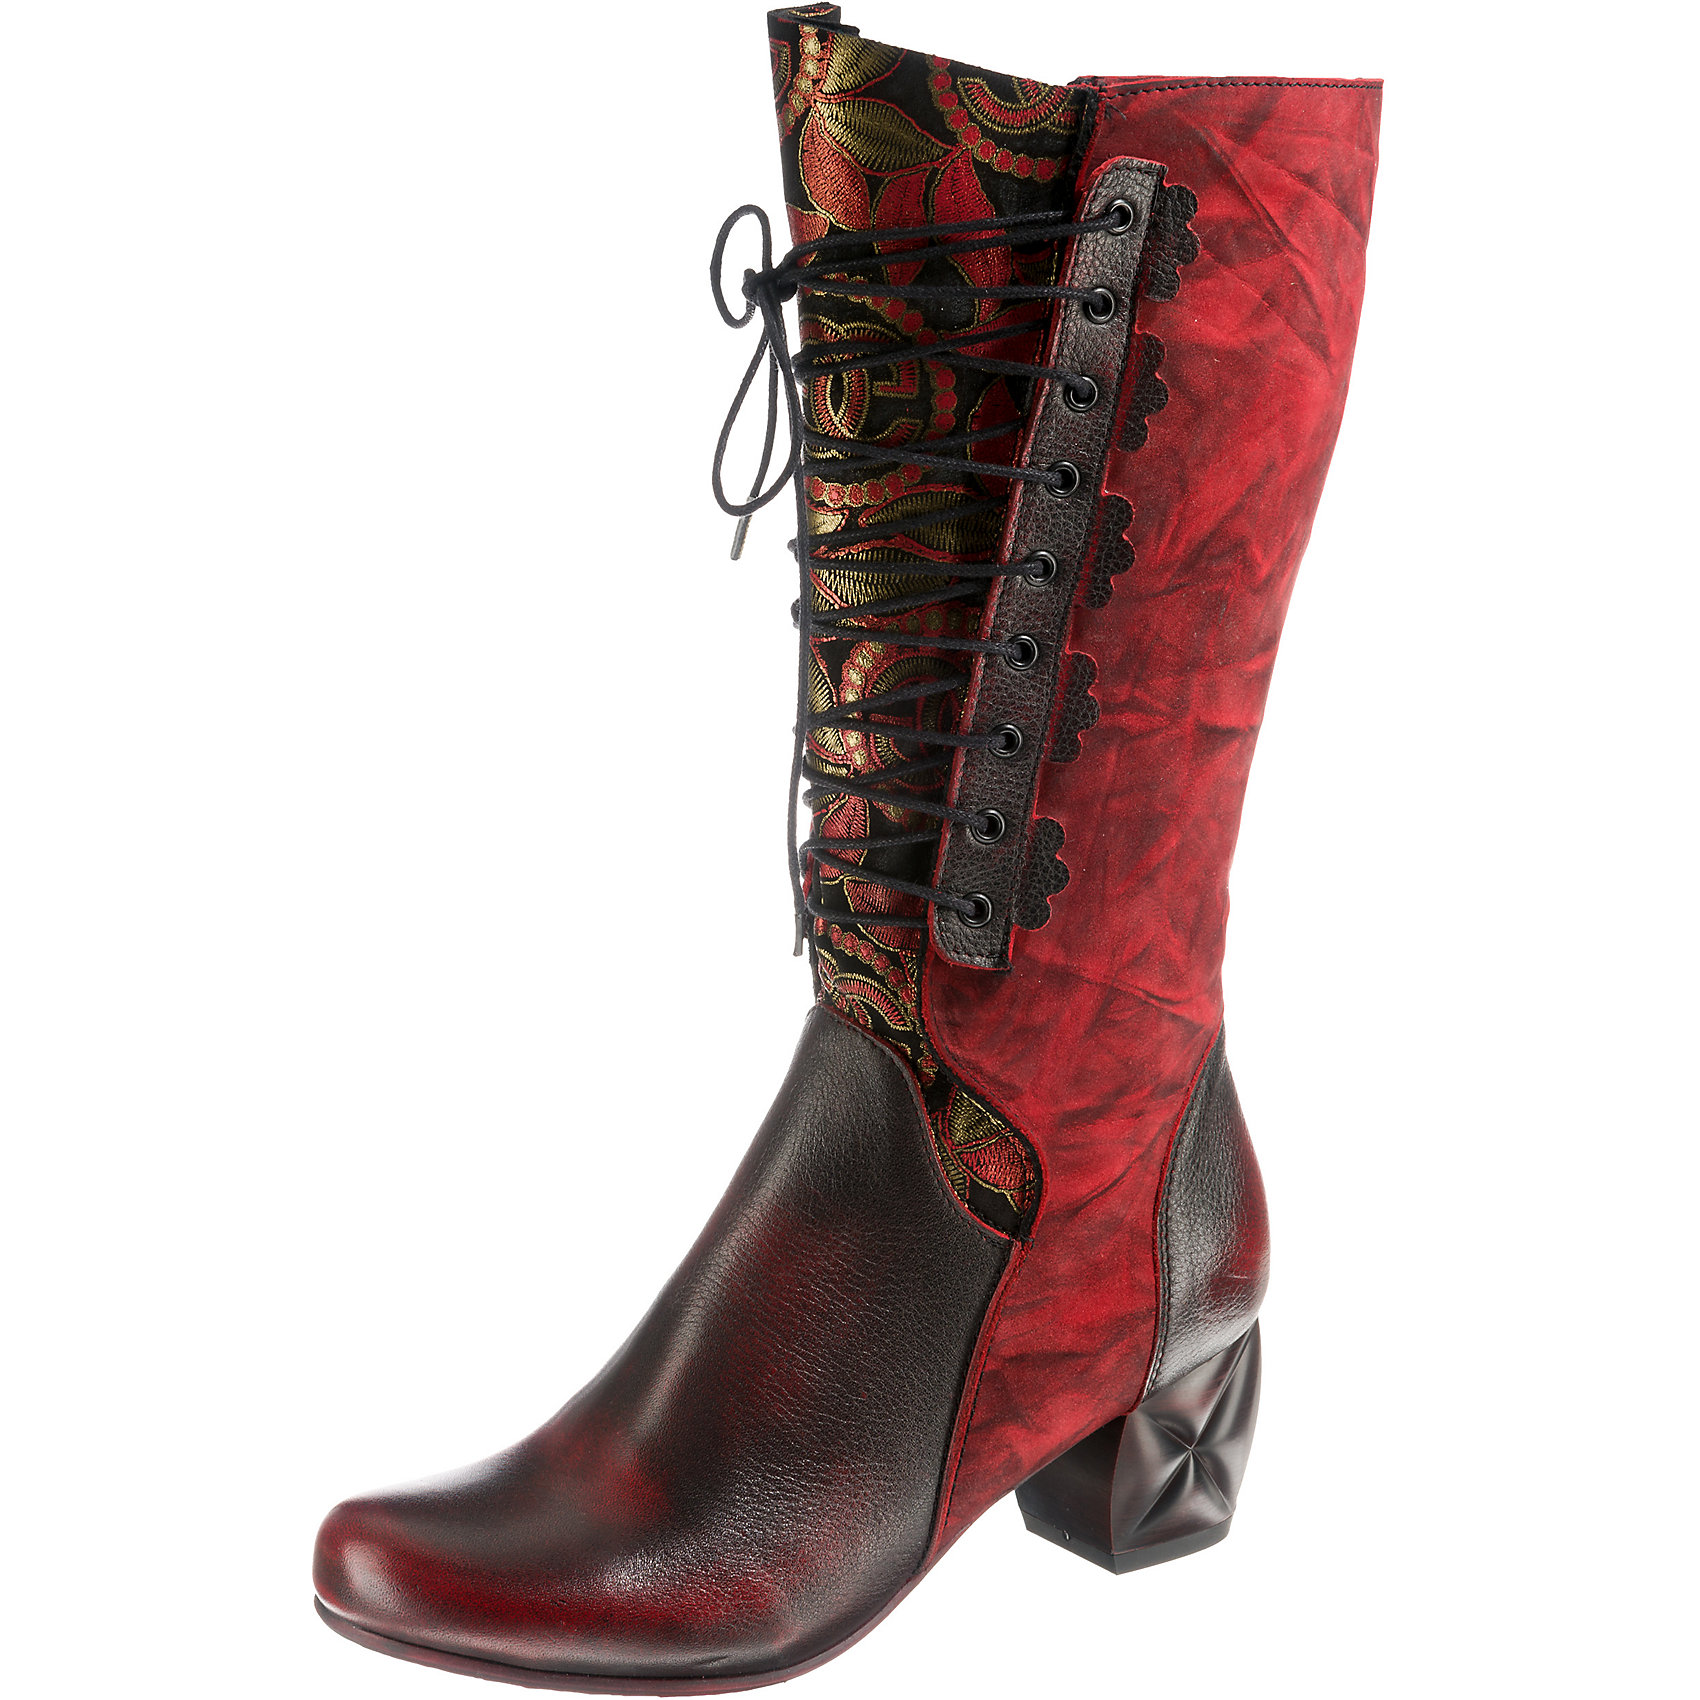 Neu 9344172 SIMEN Klassische Stiefel 9344172 Neu für Damen weinrot feb696